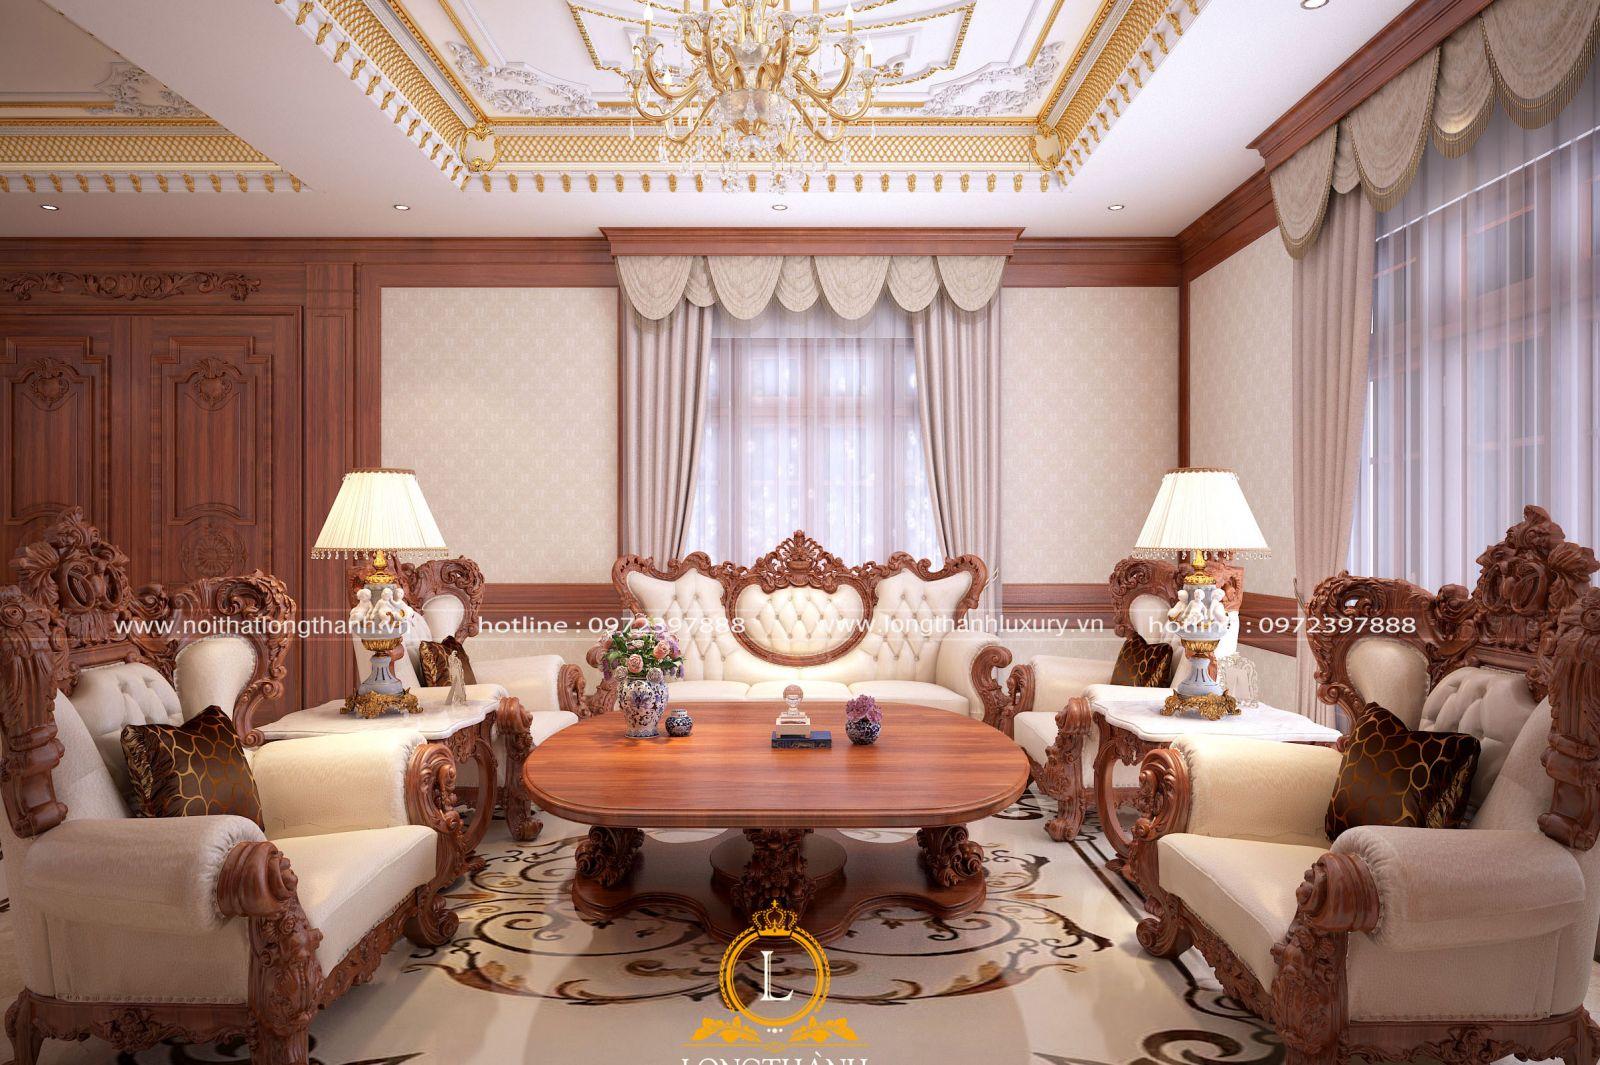 Không gian phòng khách biệt thự tân cổ điển được thiết kế bề thế và lộng lẫy